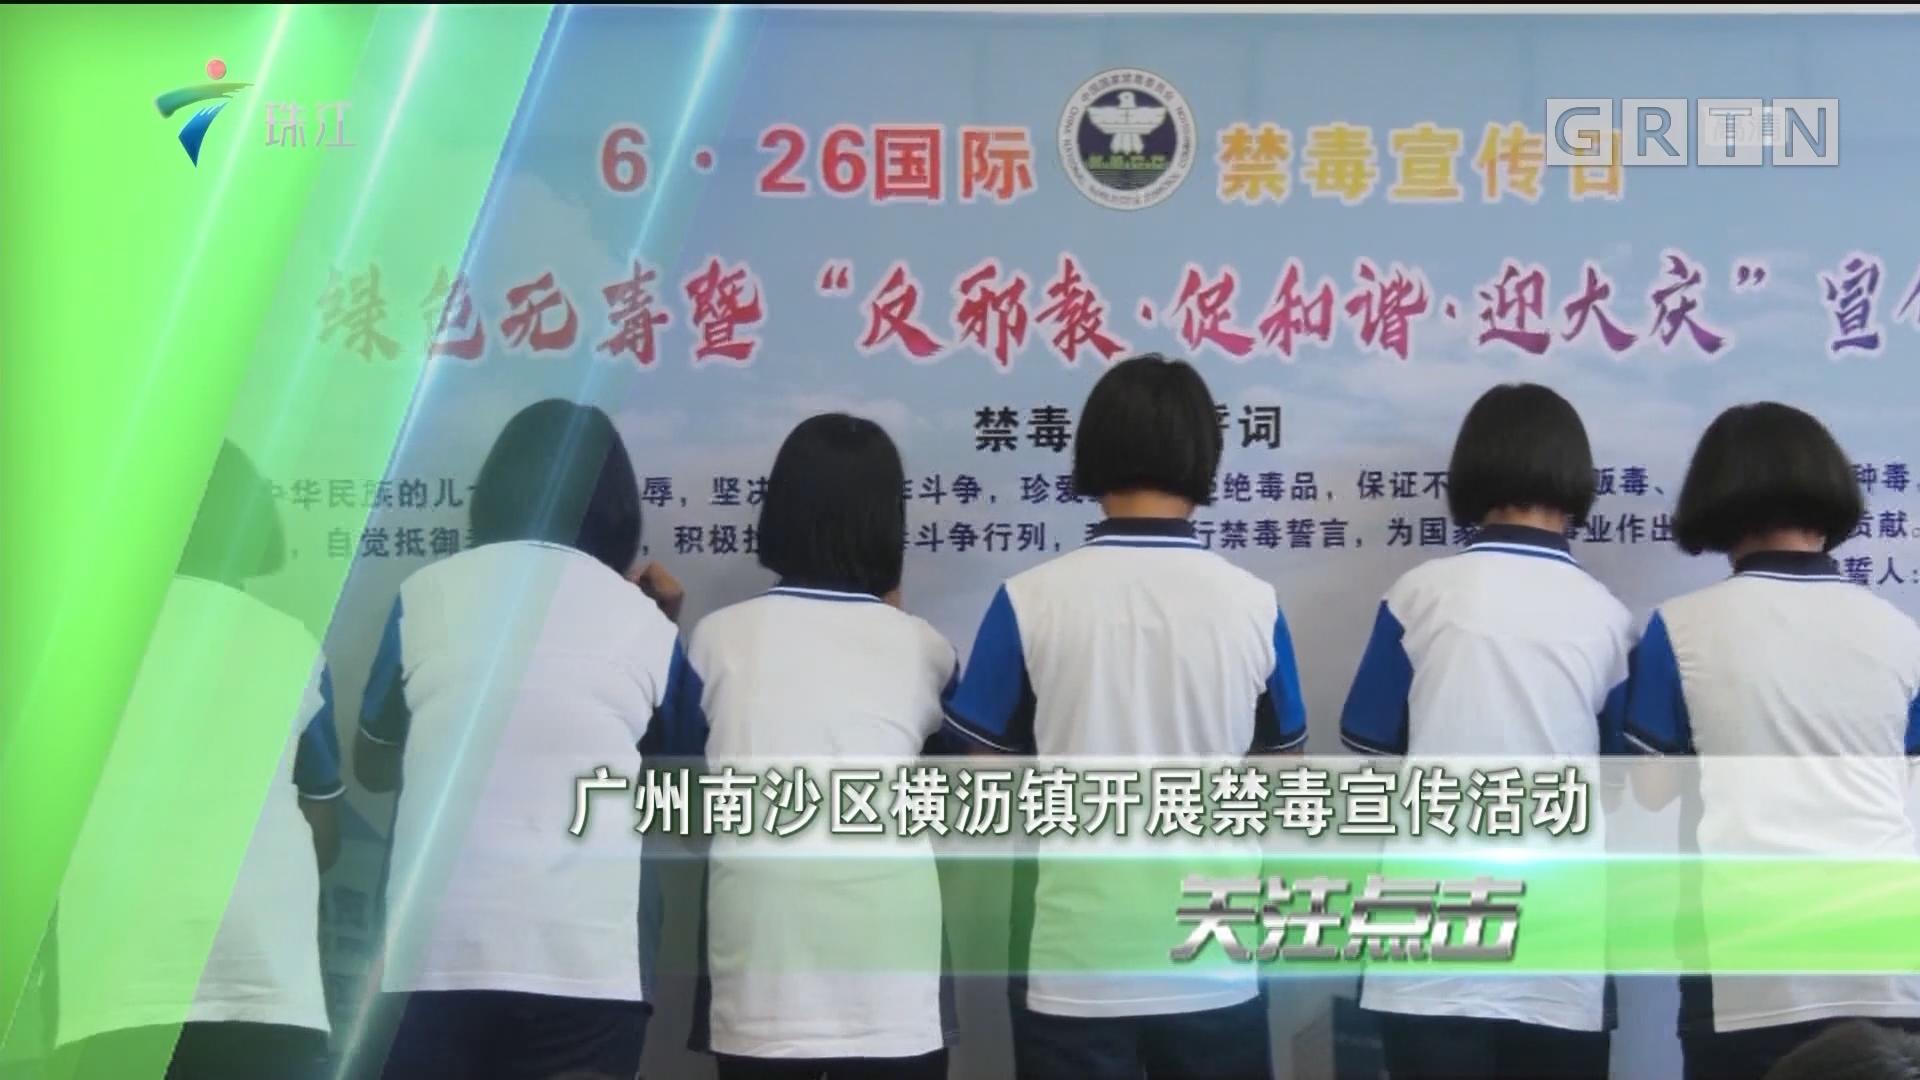 广州南沙区横沥镇开展禁毒宣传活动